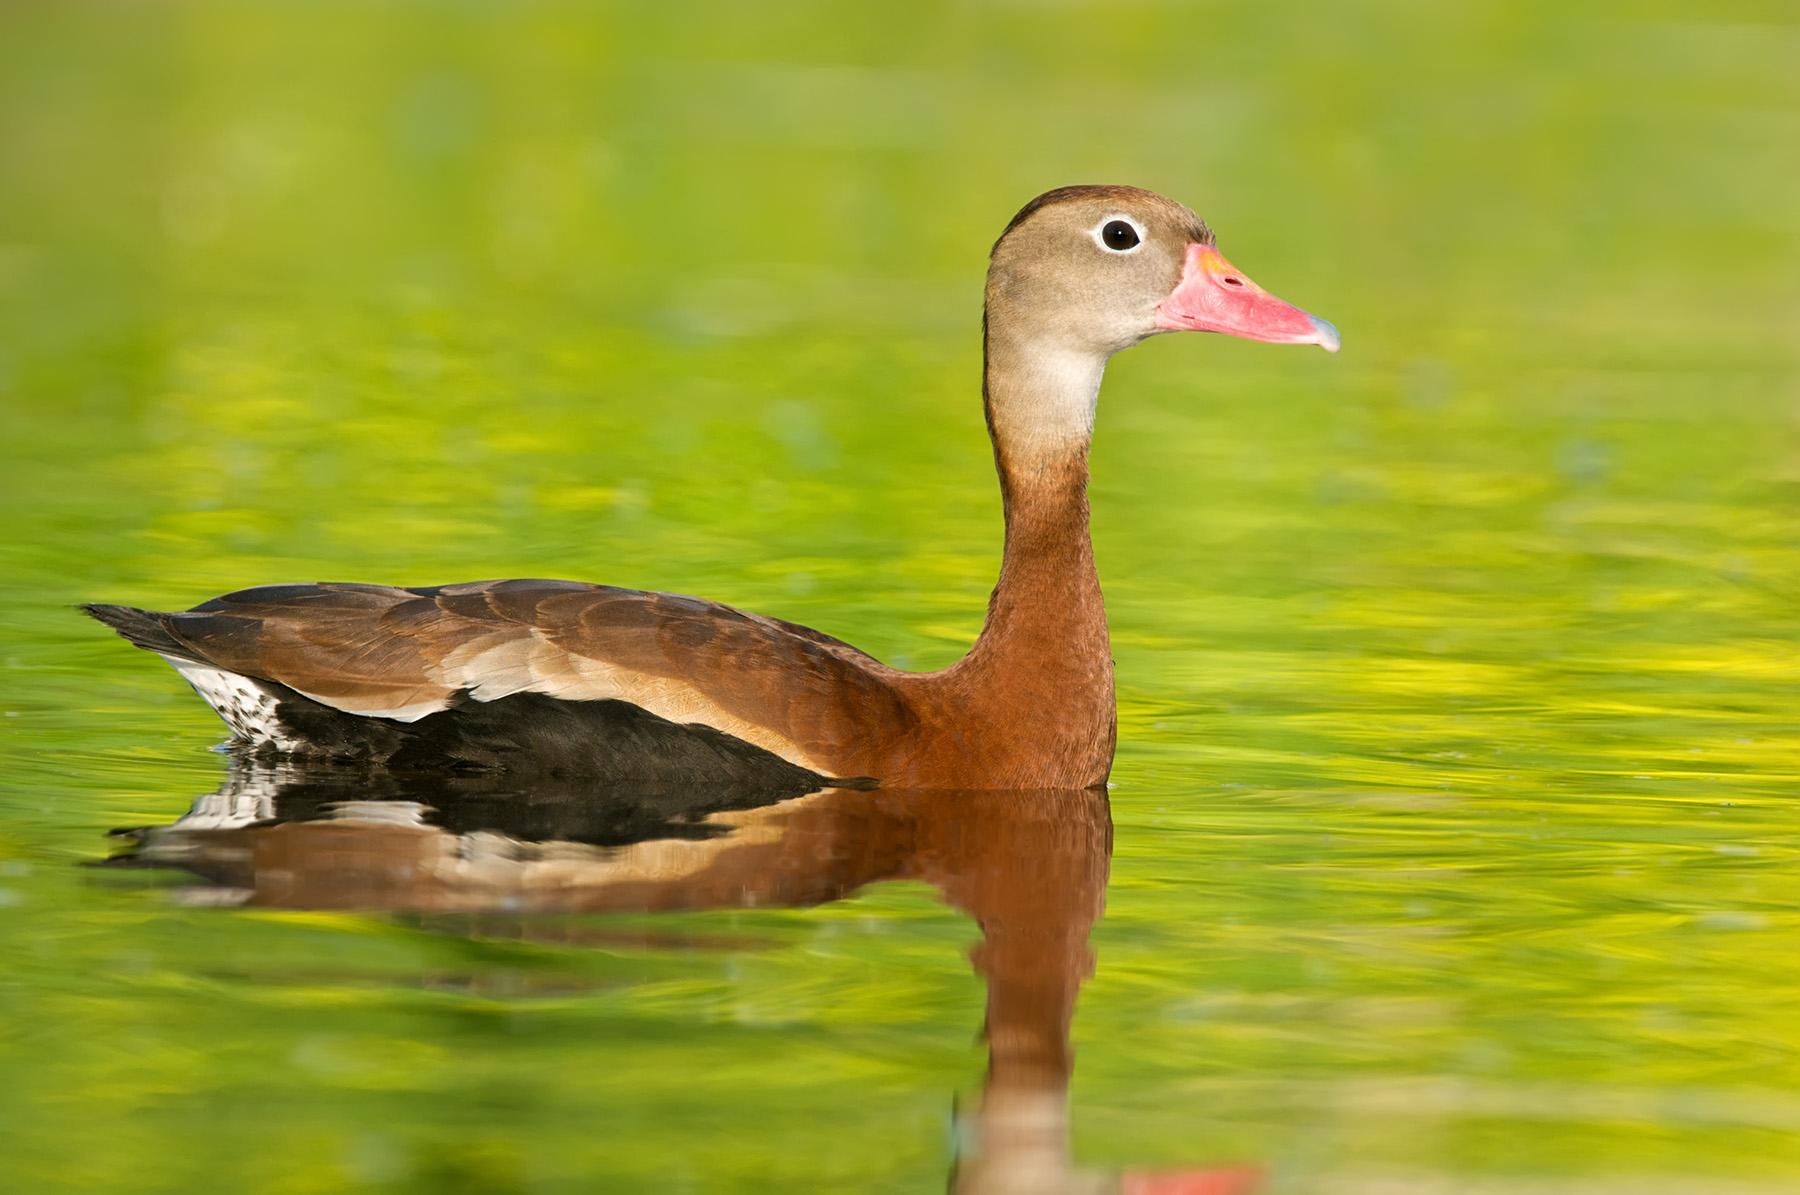 Black bellied whistling duck slideshow